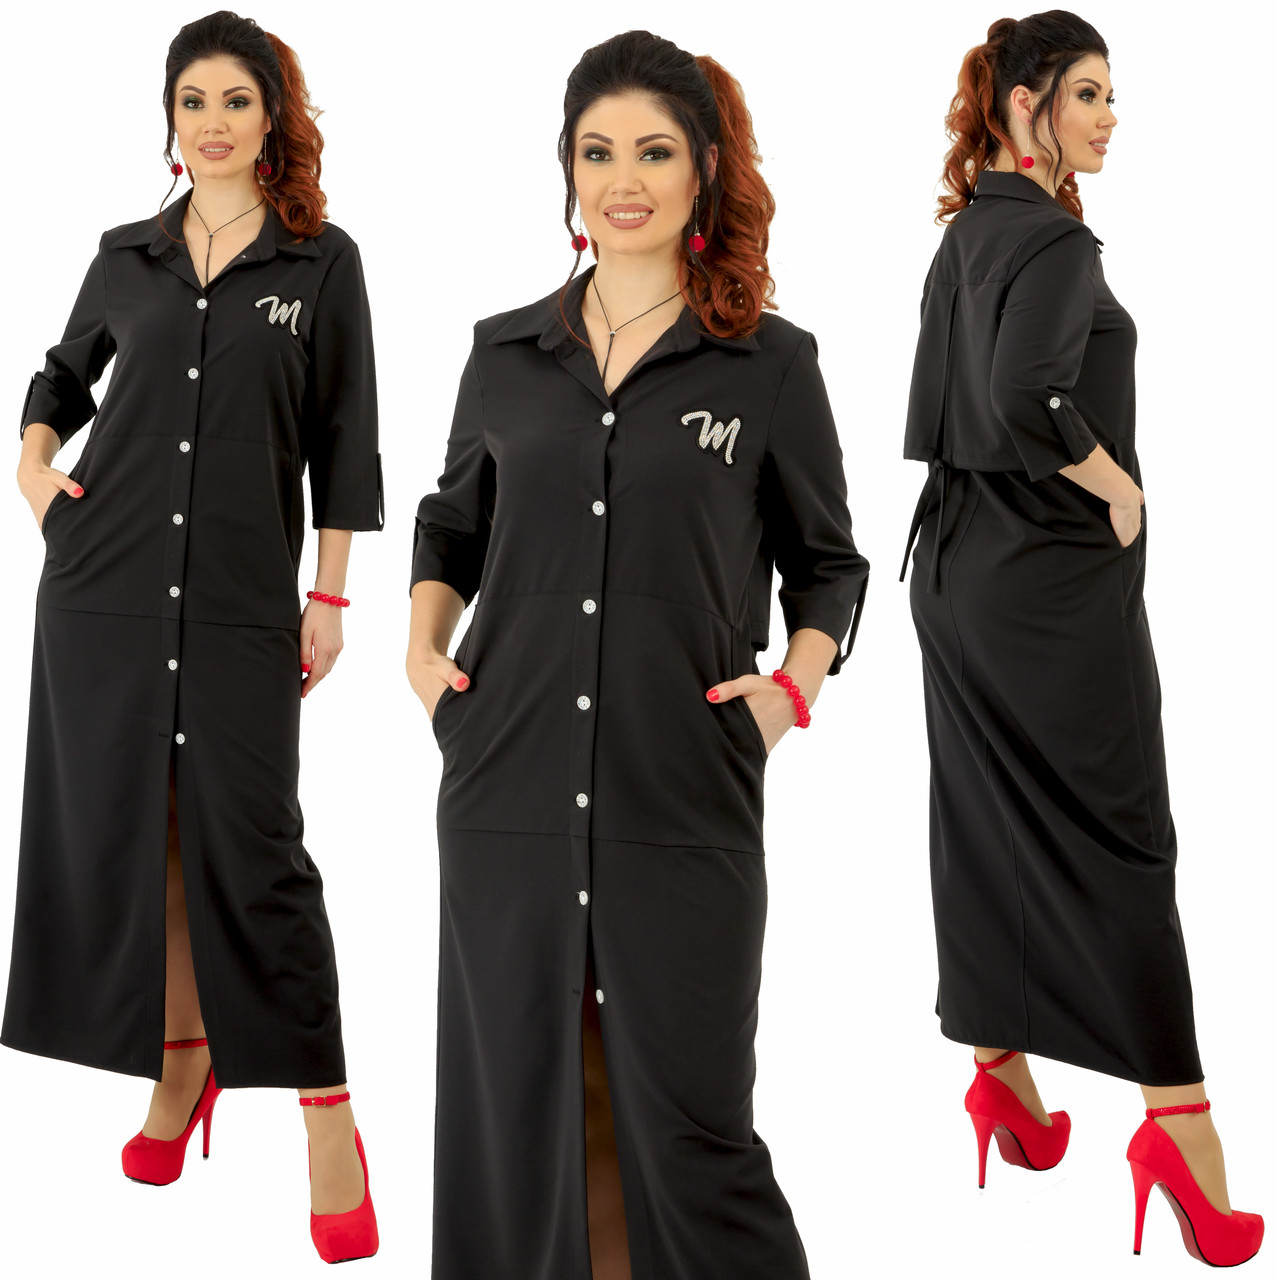 """Длинное платье рубашка  """"Руби"""" больших размеров от 48 до 54 с карманами, на  груди аппликация  код  92/89028"""